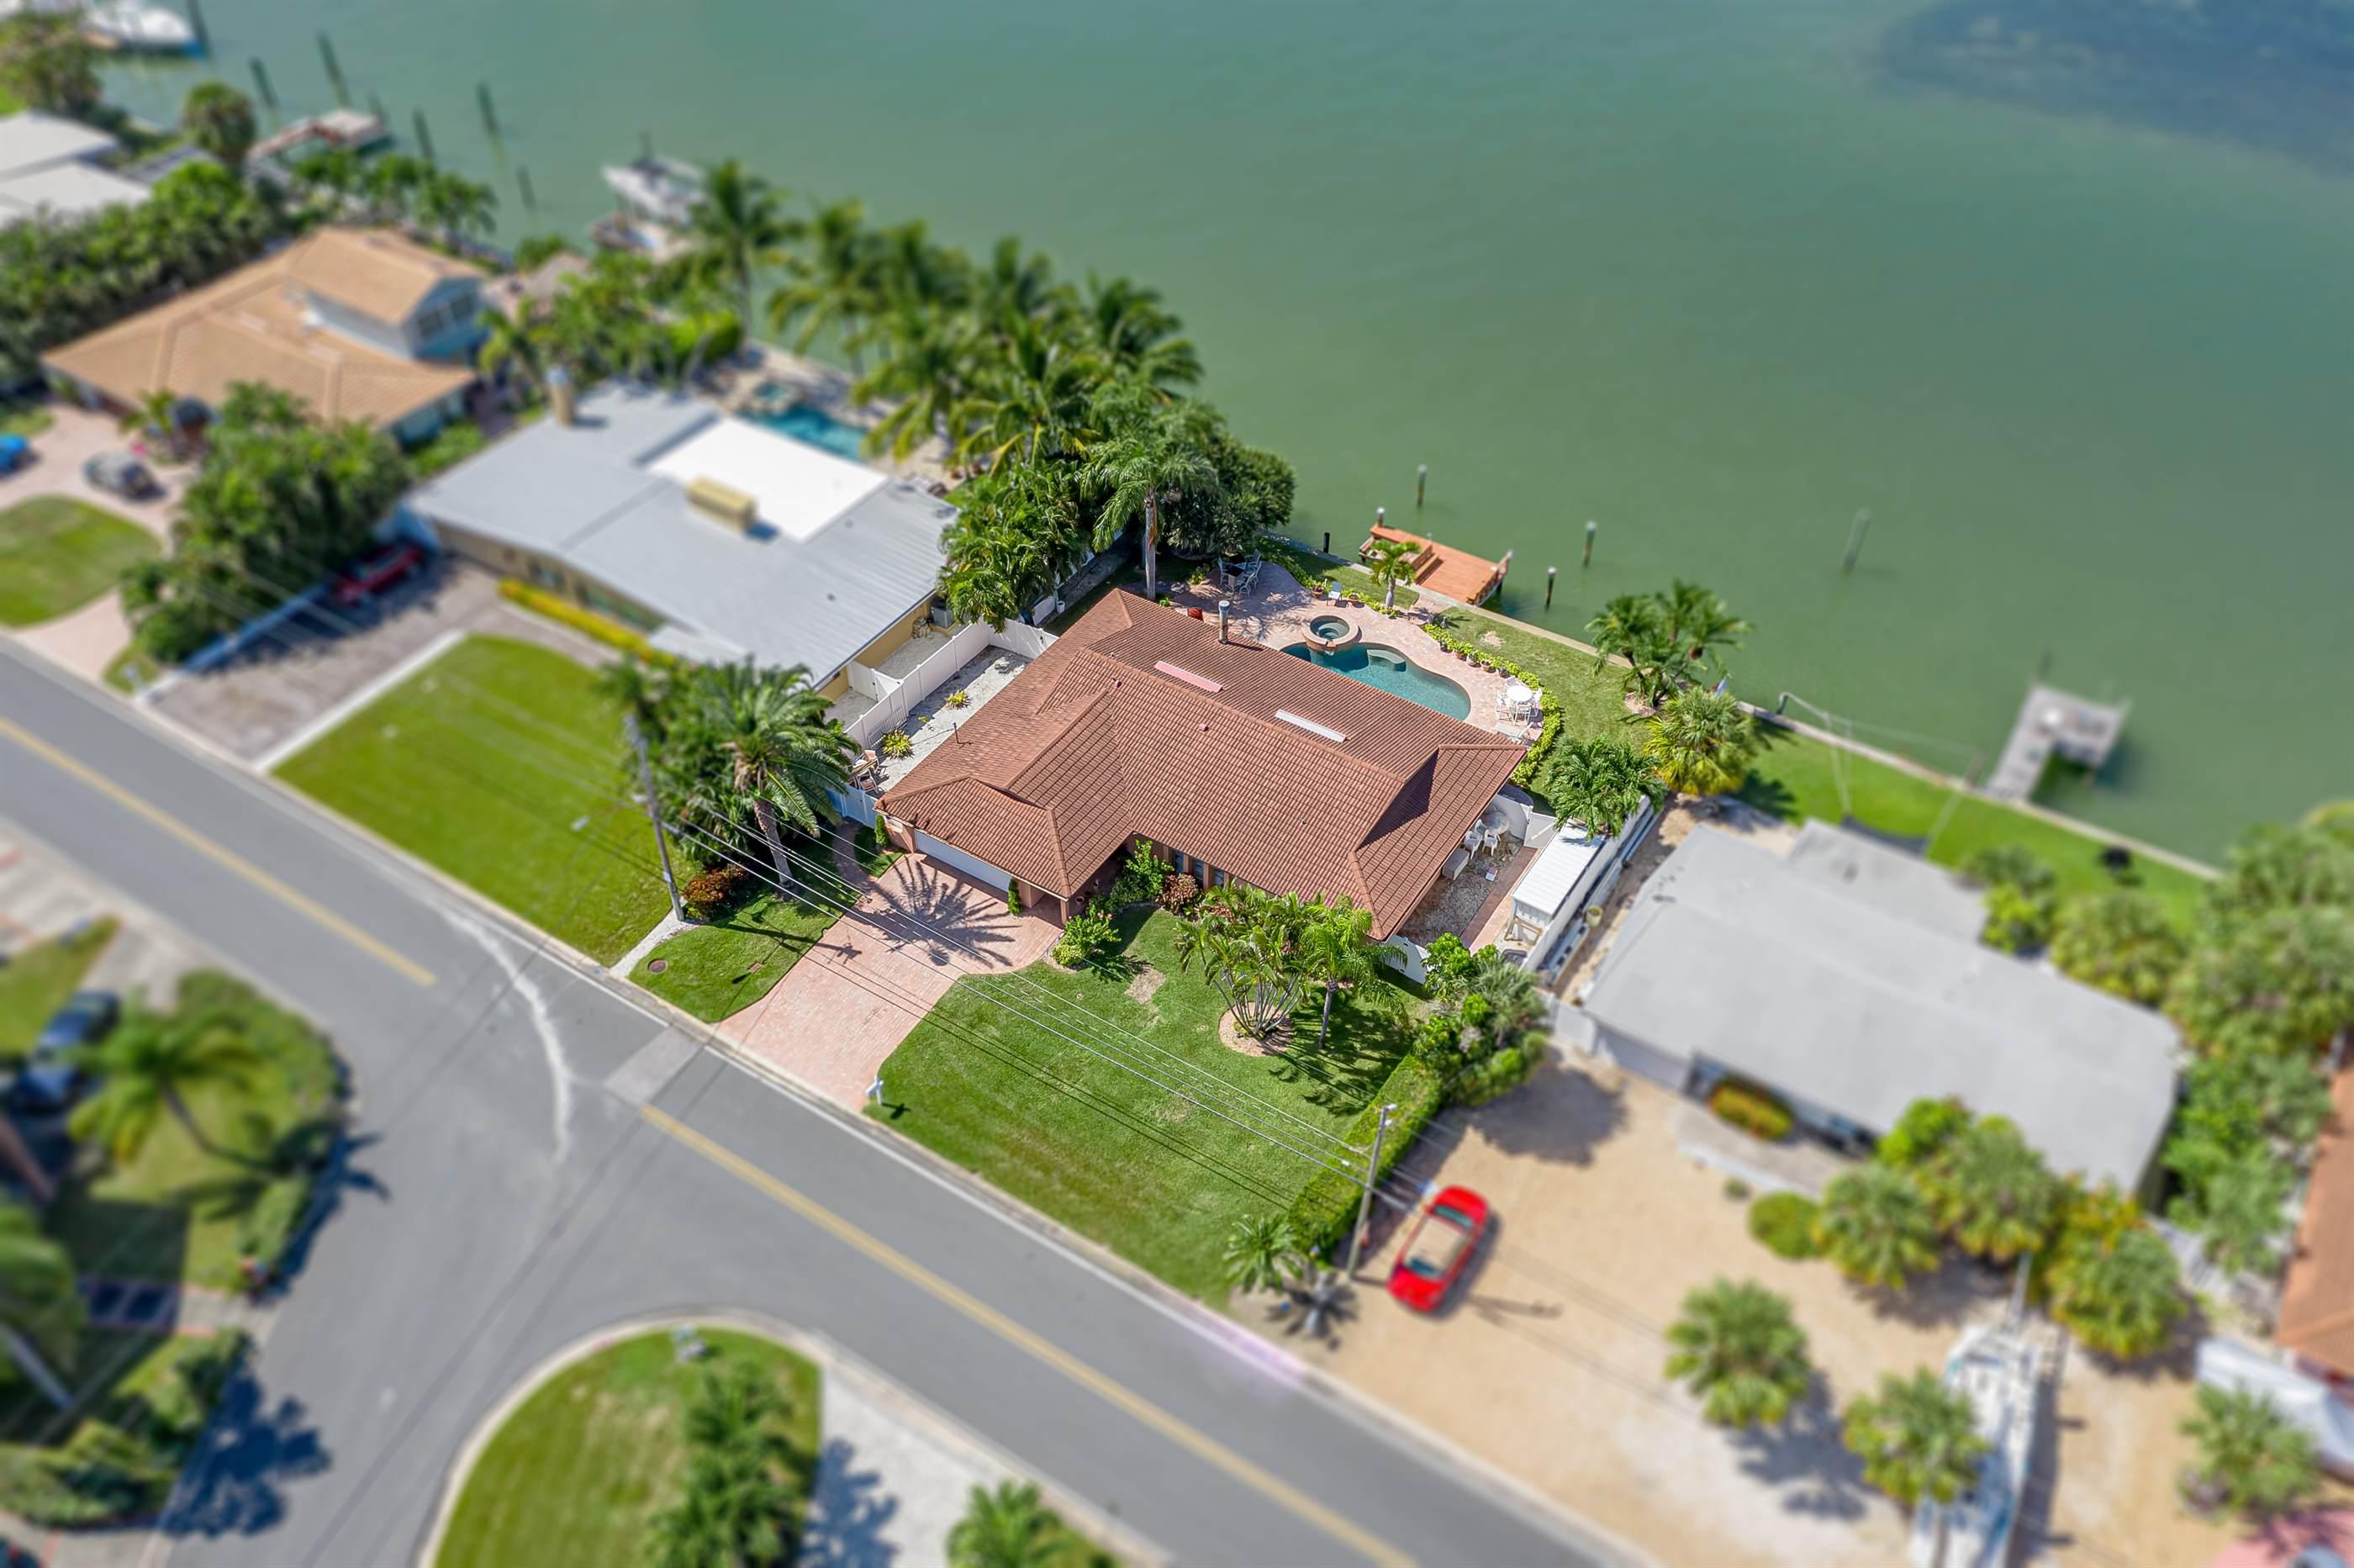 277 - 55th Ave, St. Pete Beach, FL 33706